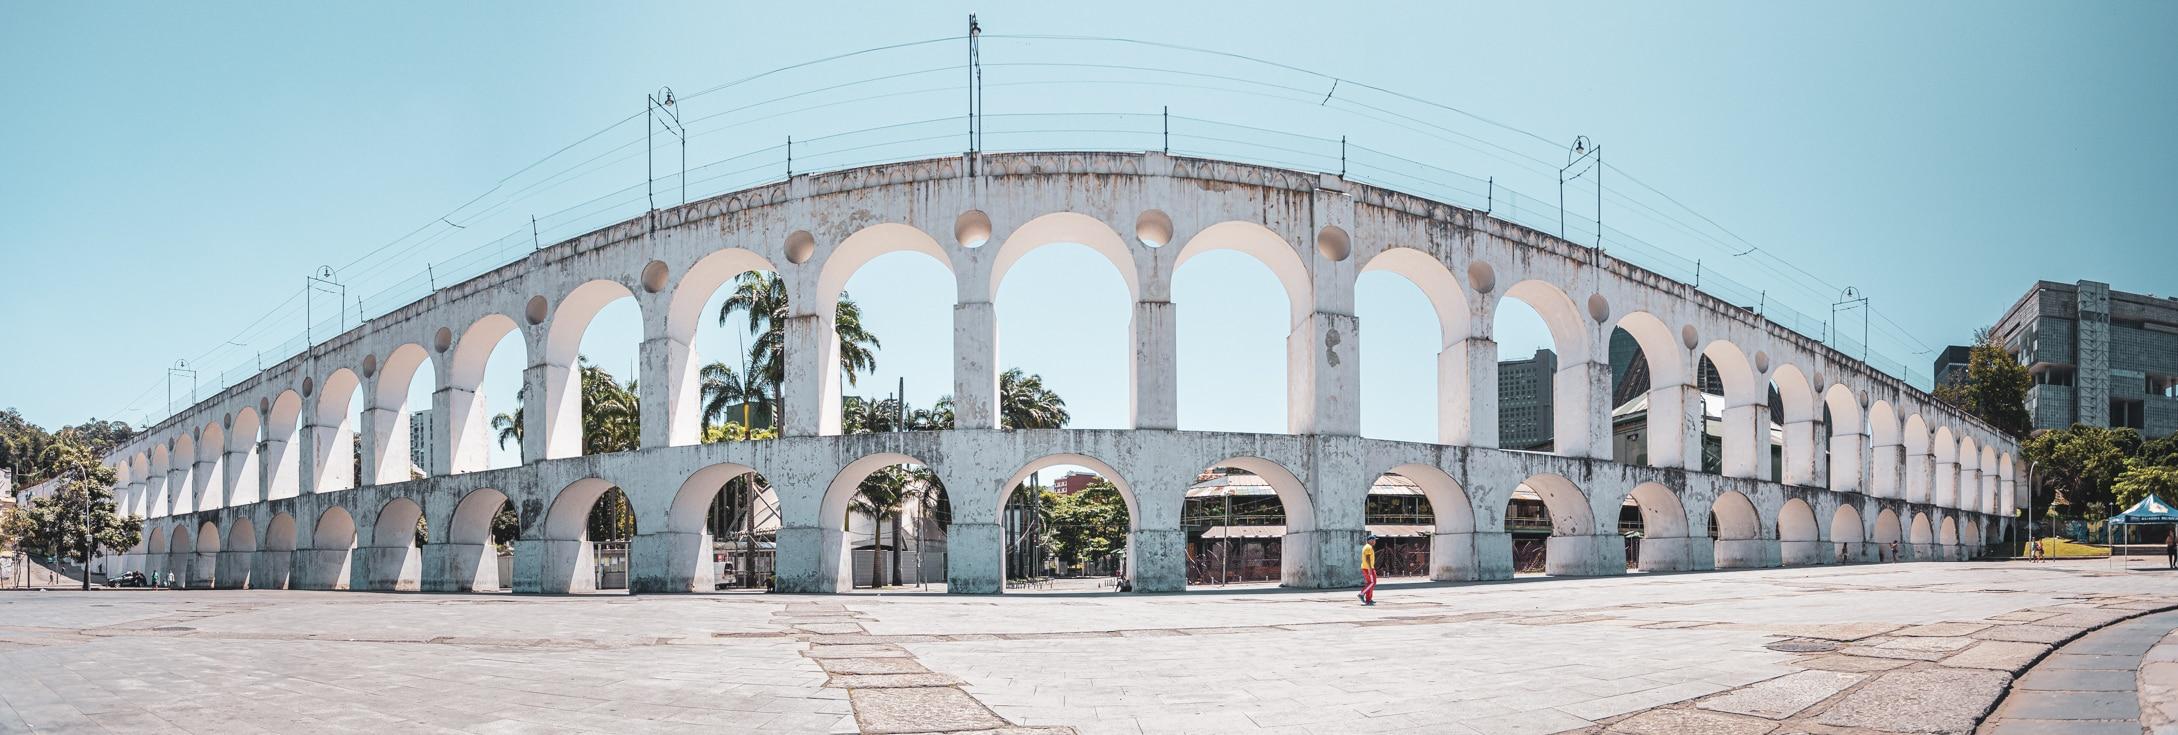 Lapa or Lapa Arches near Santa Teresa Rio de Janeiro